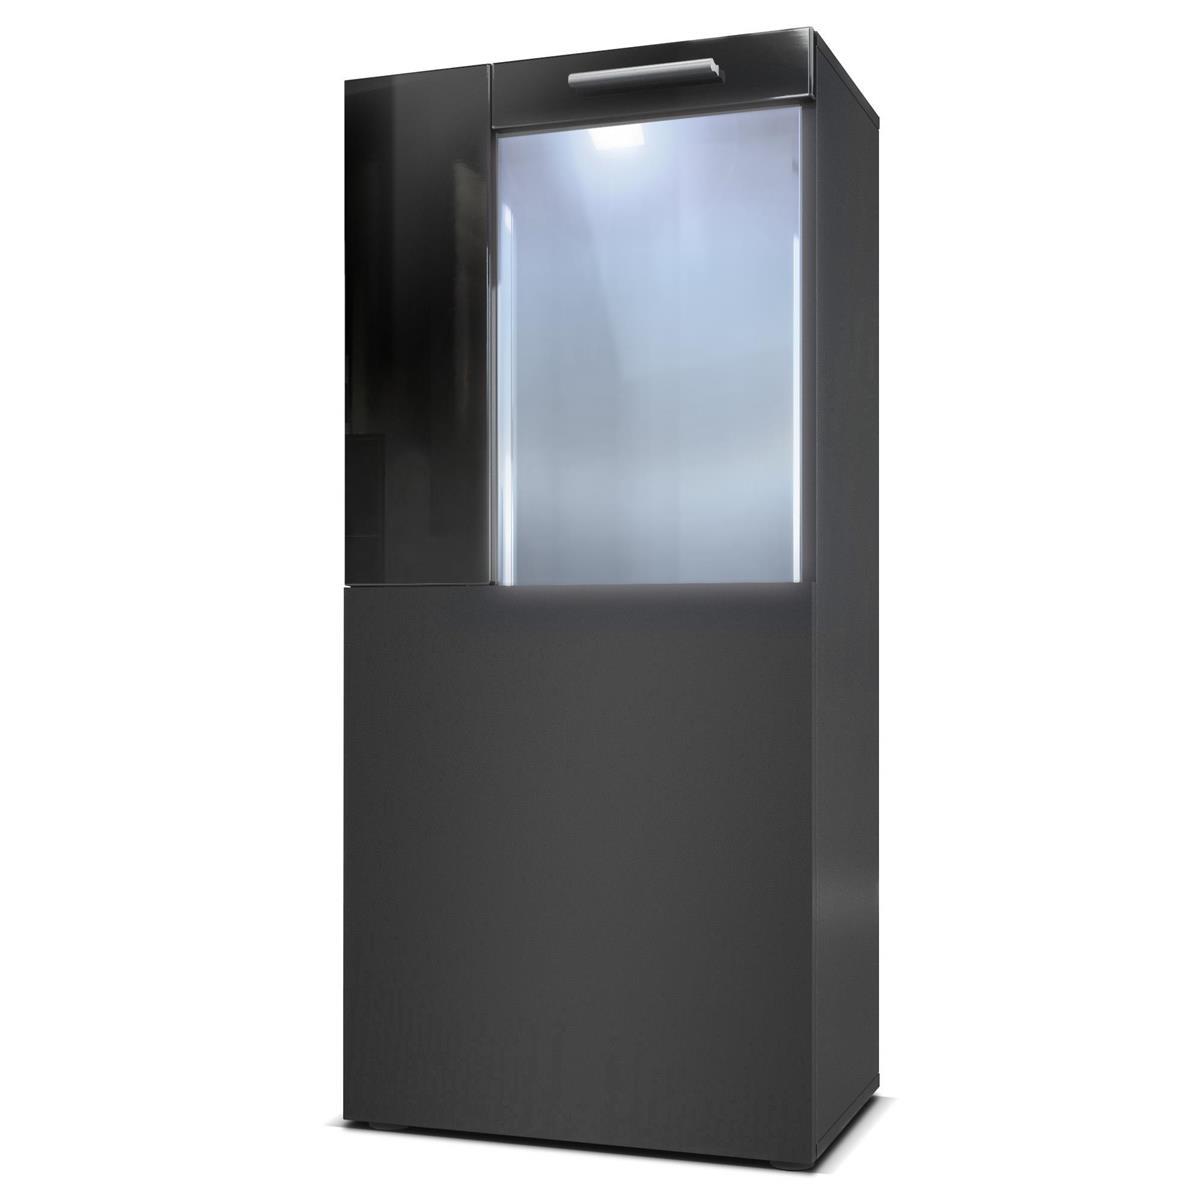 vitrine standvitrine h ngevitrine highboard hochschrank movie schwarz hochglanz ebay. Black Bedroom Furniture Sets. Home Design Ideas